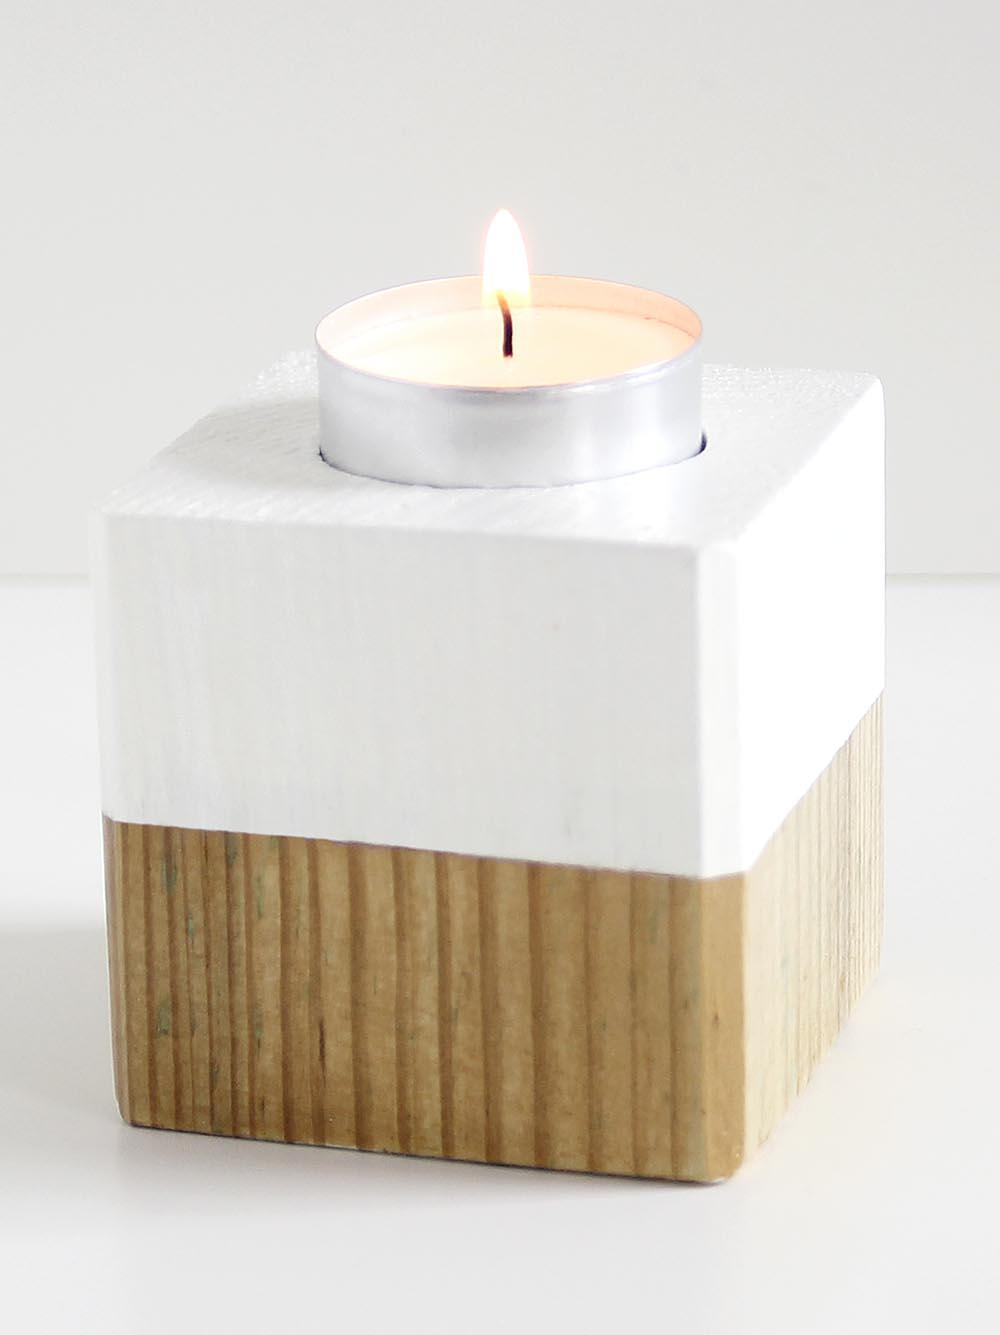 Der fertige Kerzenwürfel mit Teelicht